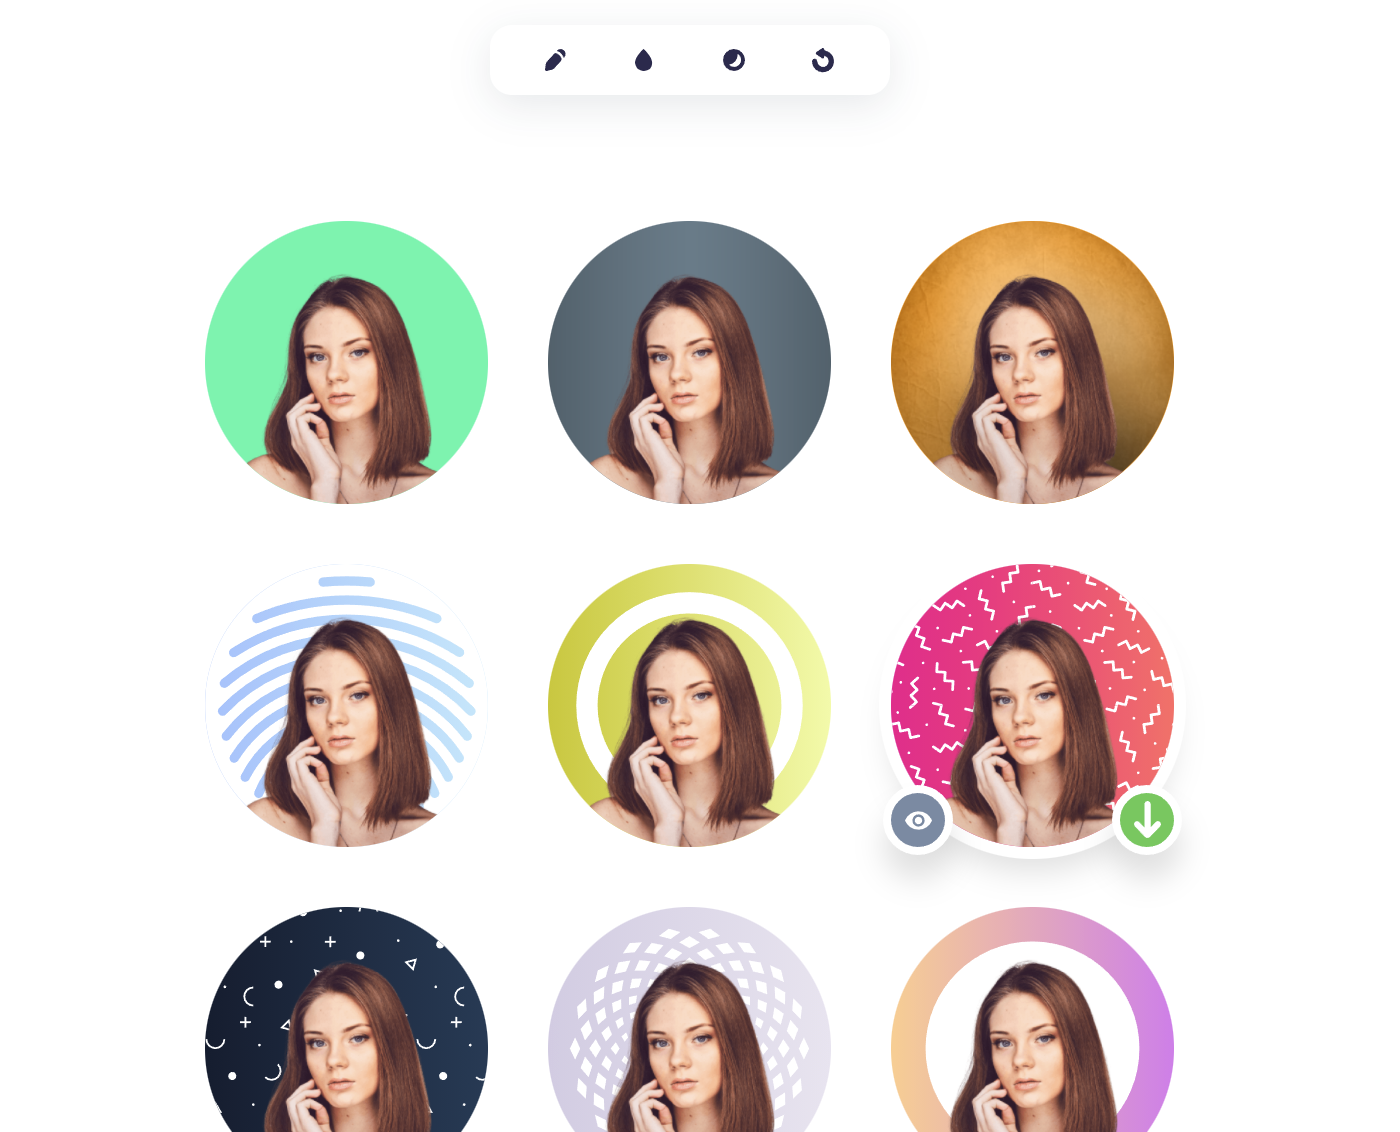 profile pic maker - zmień tło zdjęcia profilowego za darmo